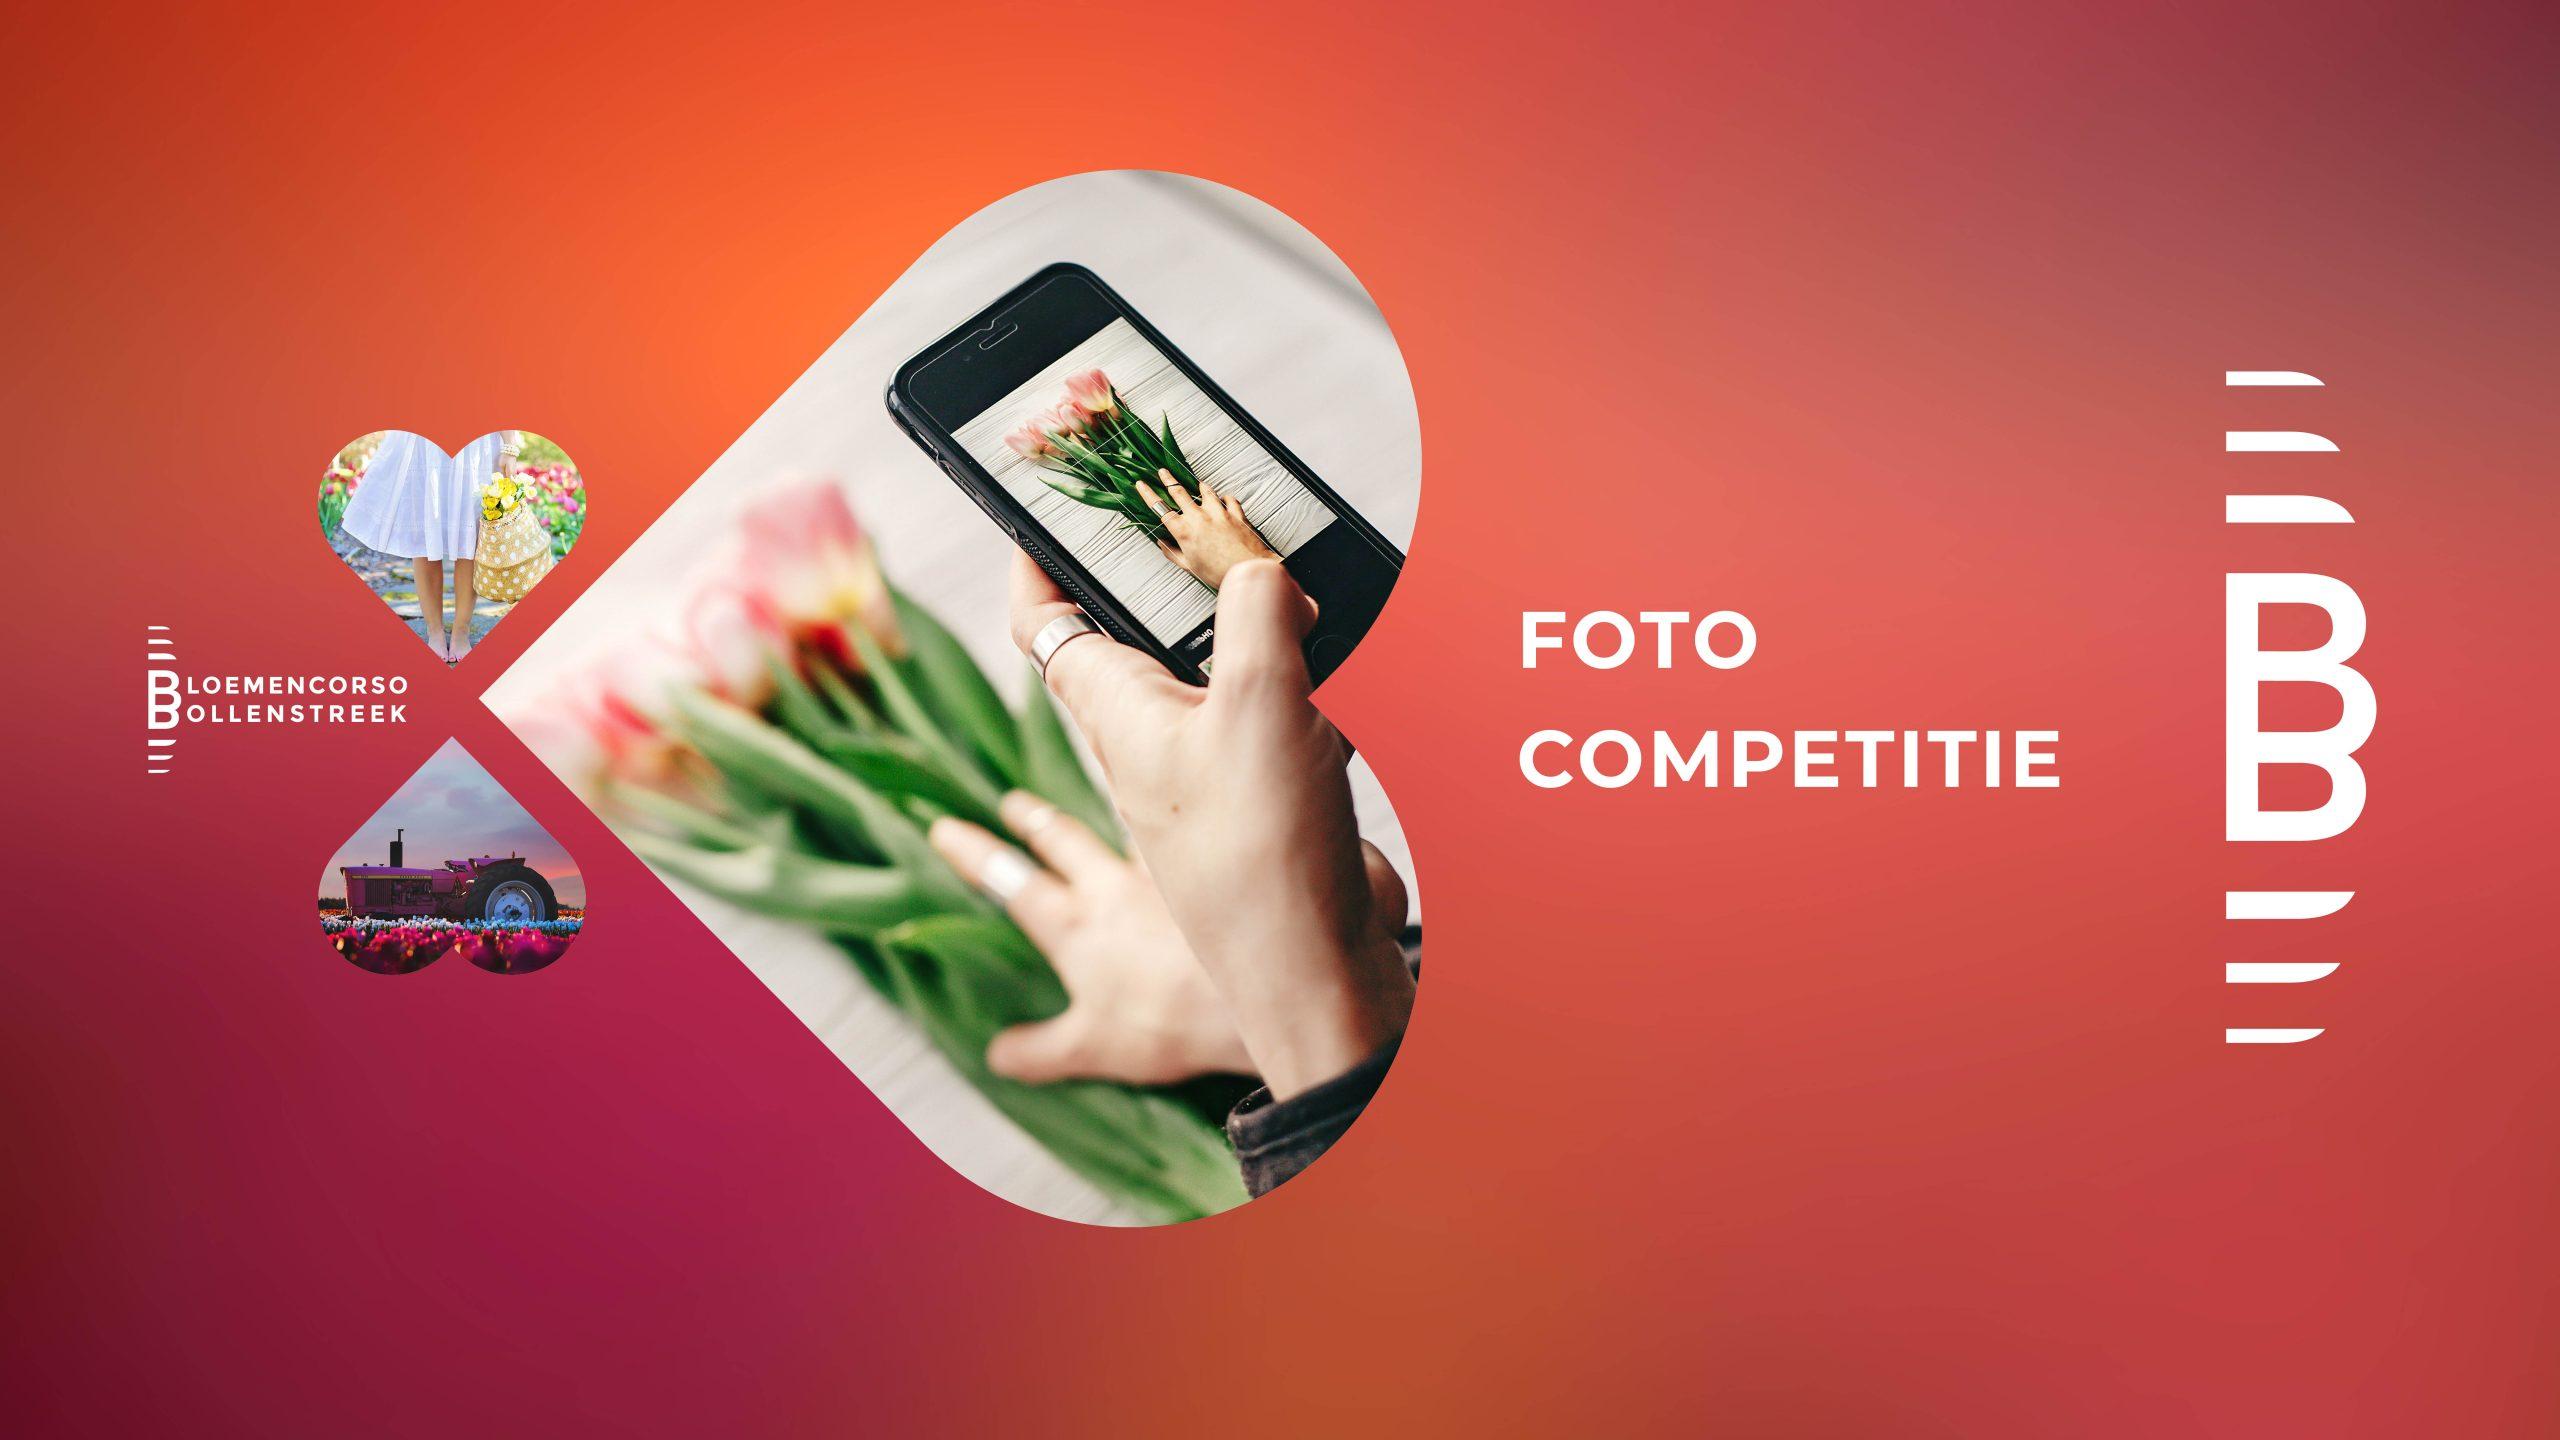 Foto Competitie Bloemencorso Bollenstreek